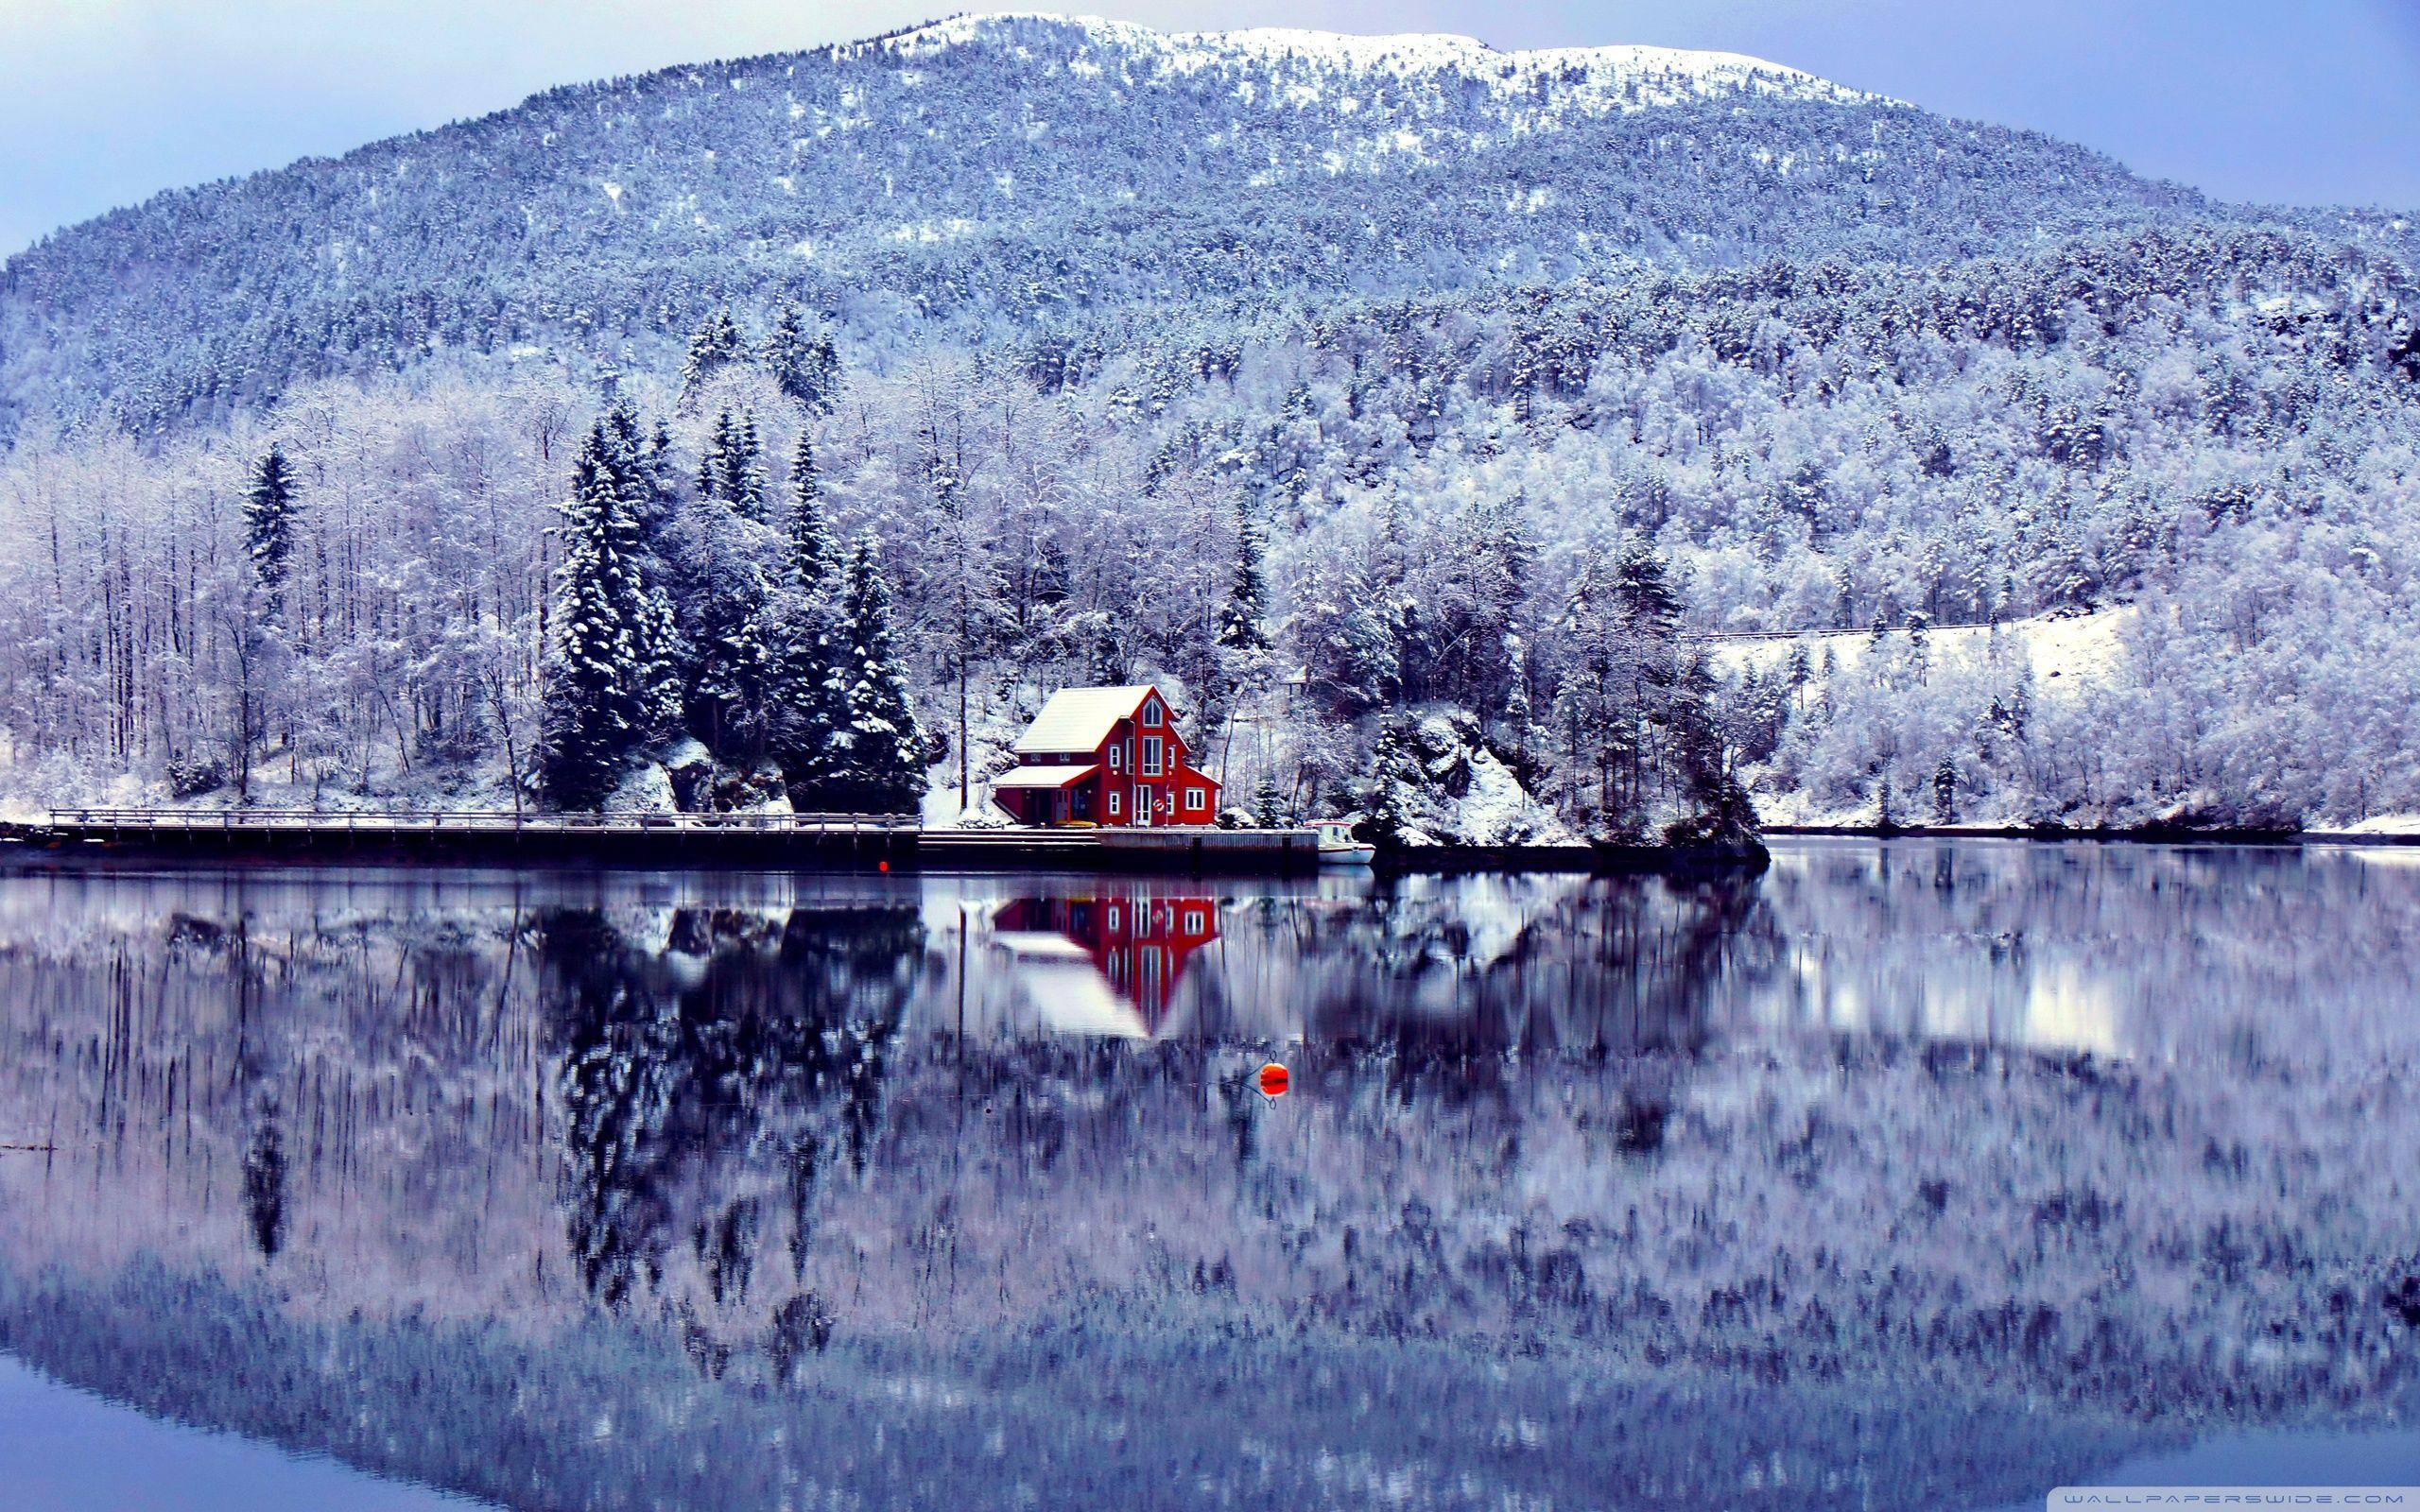 Vermont Winter Desktop Wallpapers Top Free Vermont Winter Desktop